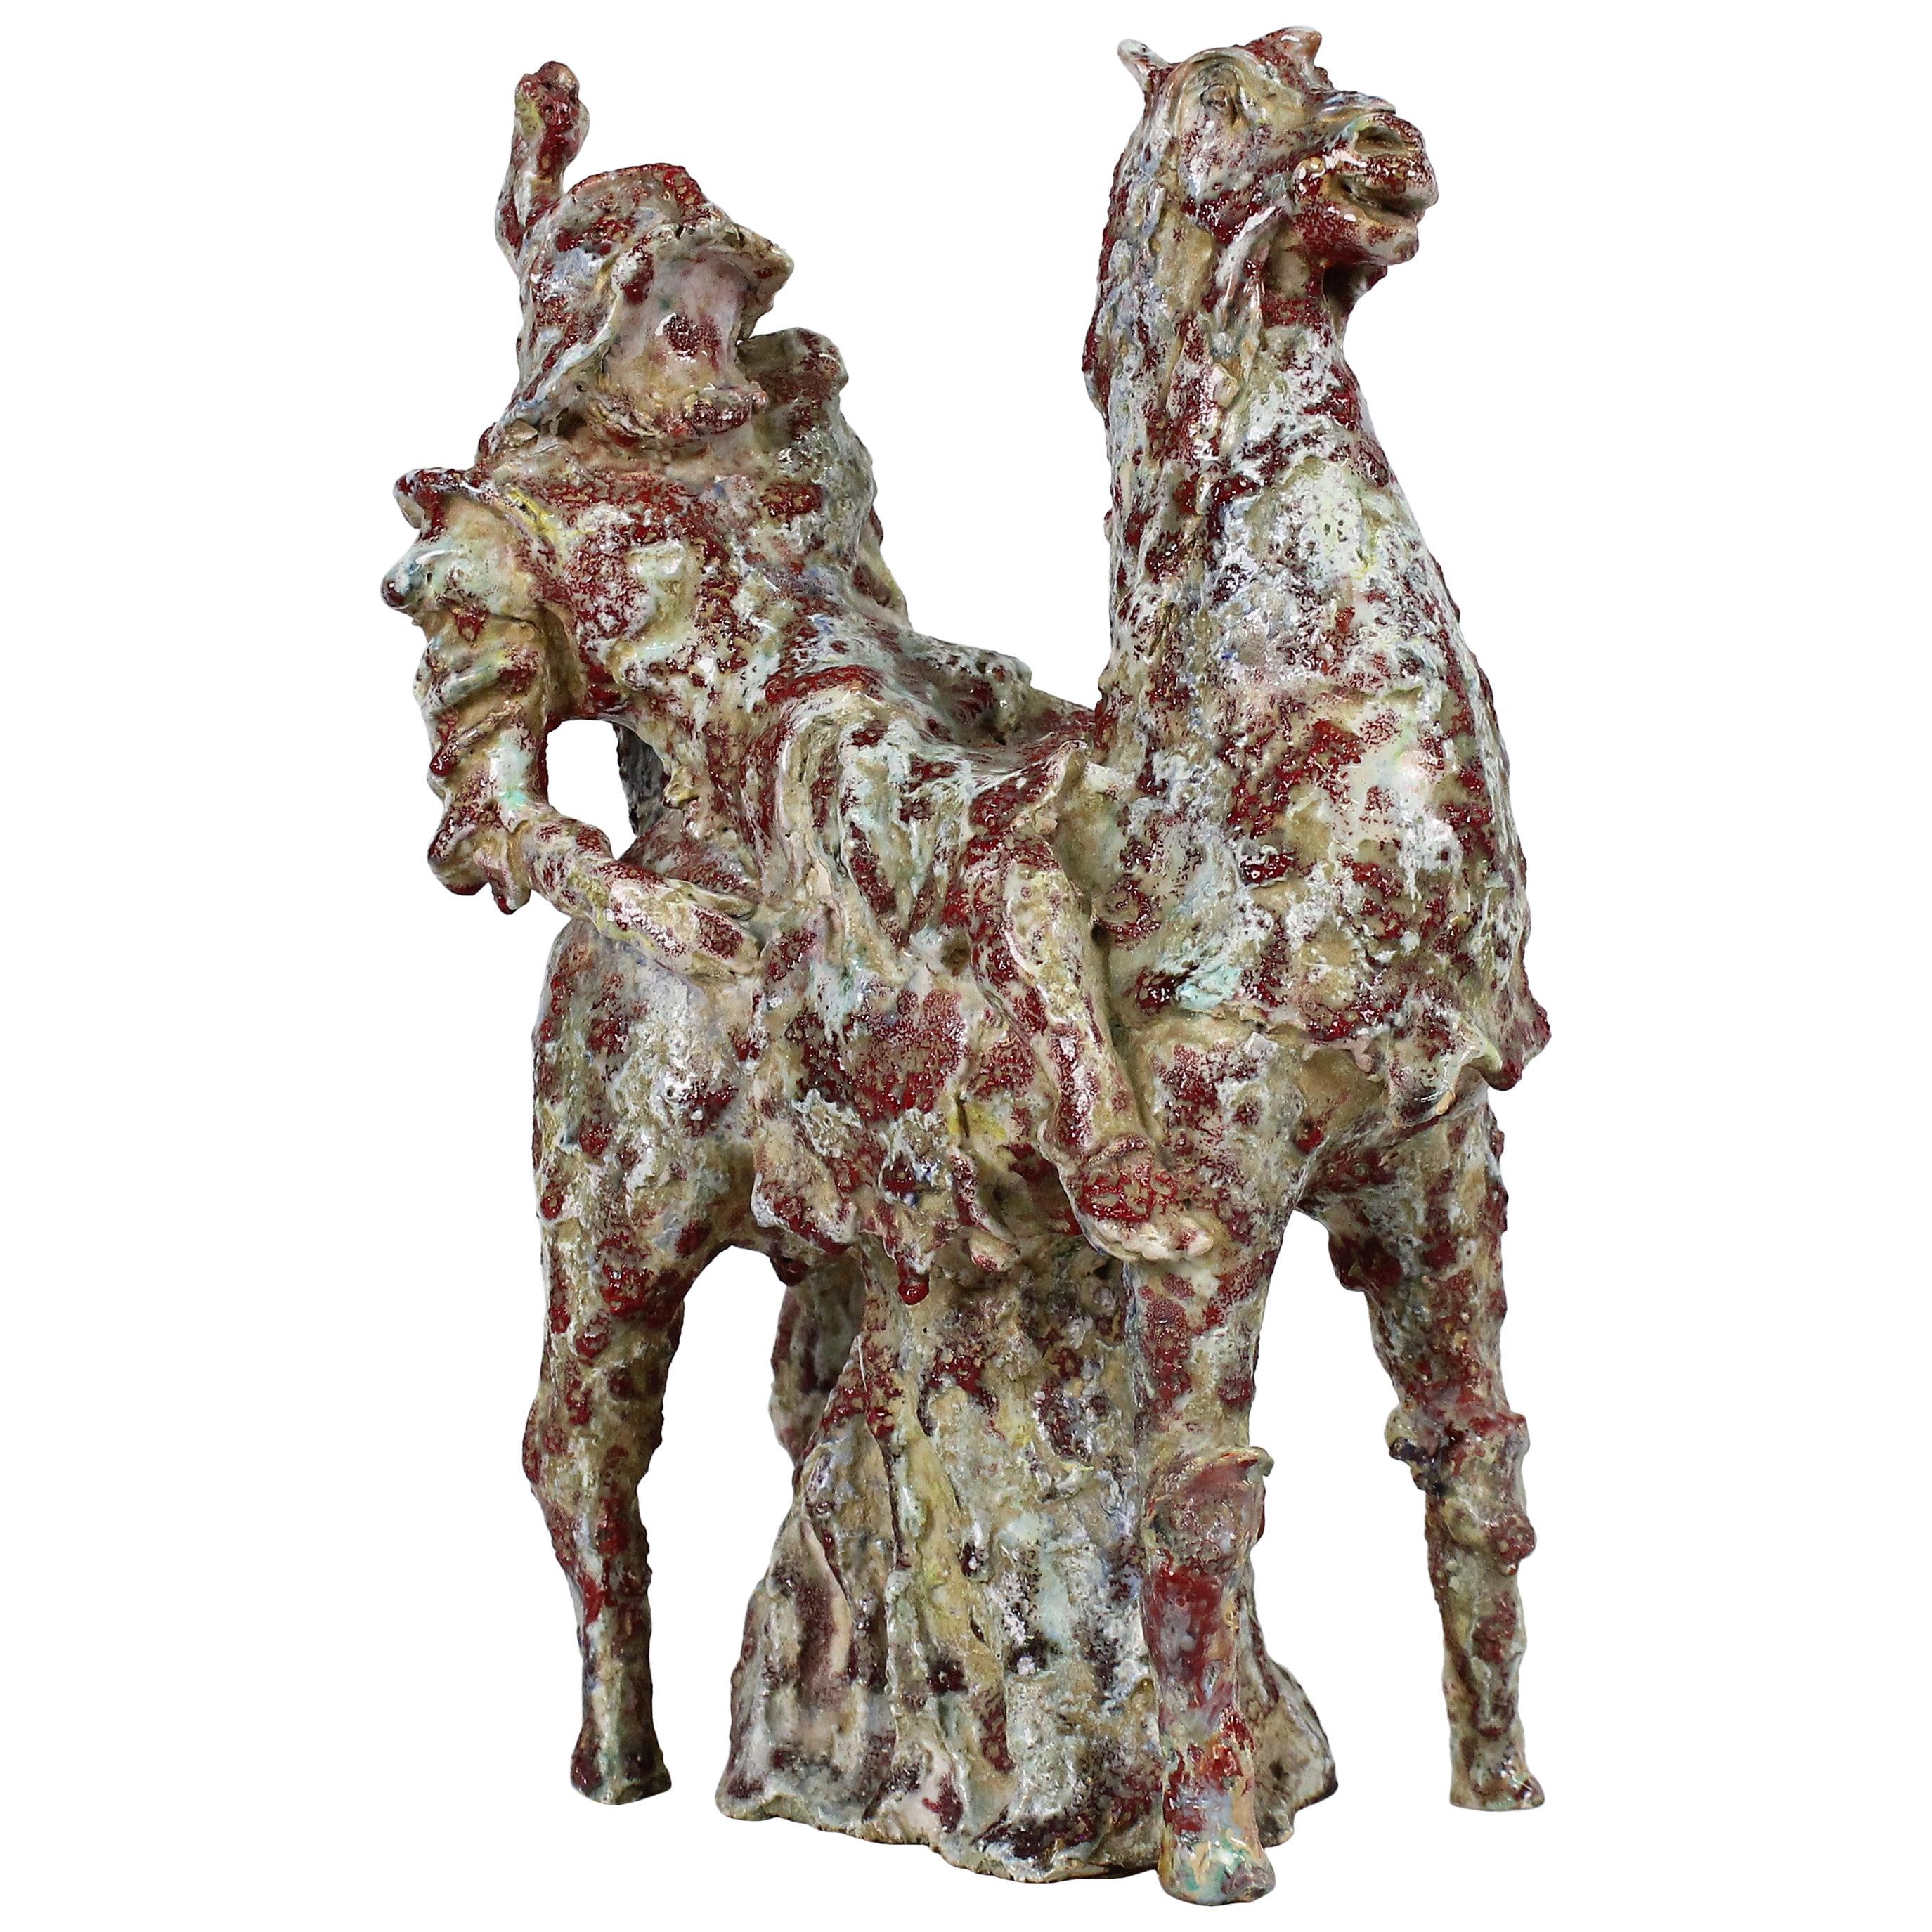 Marcello Fantoni Modernist Ceramic Equestrian Sculpture, Italy, 1949